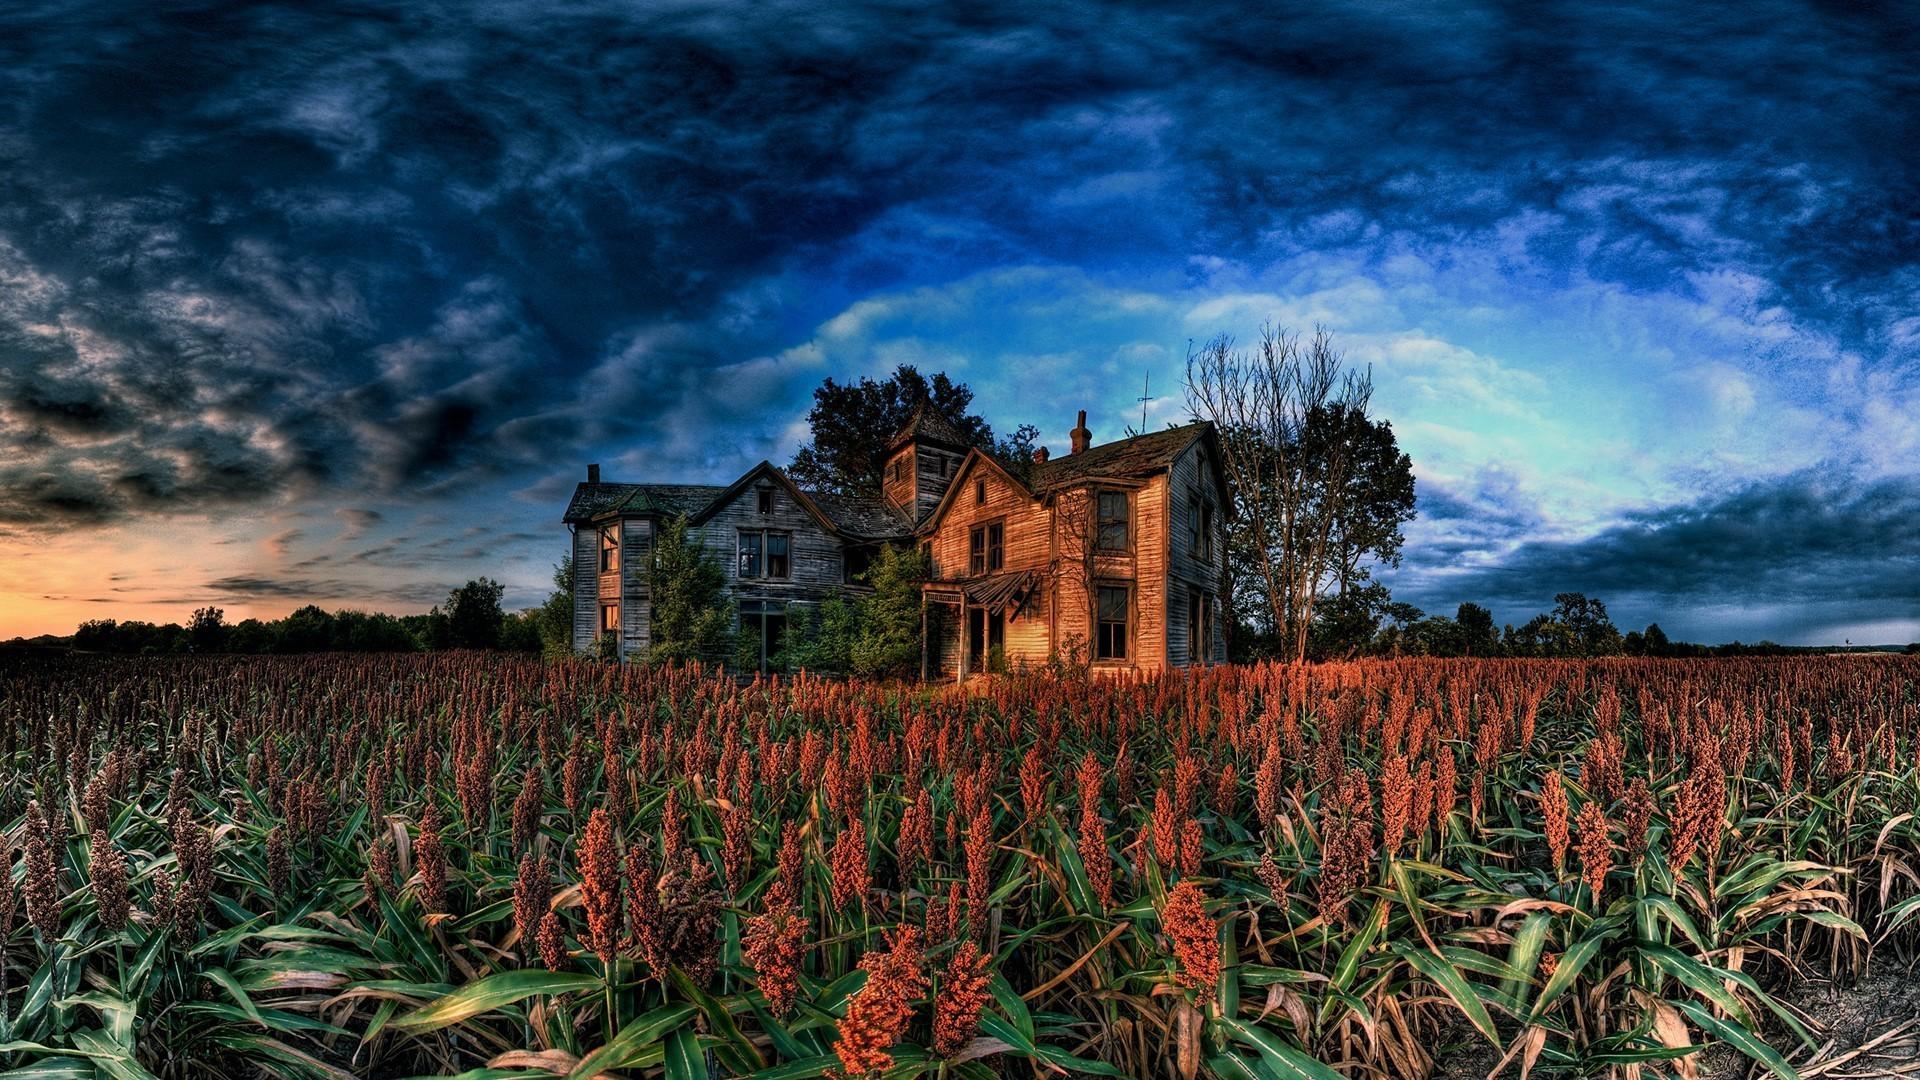 Abandoned farm house wallpaper   94028 1920x1080